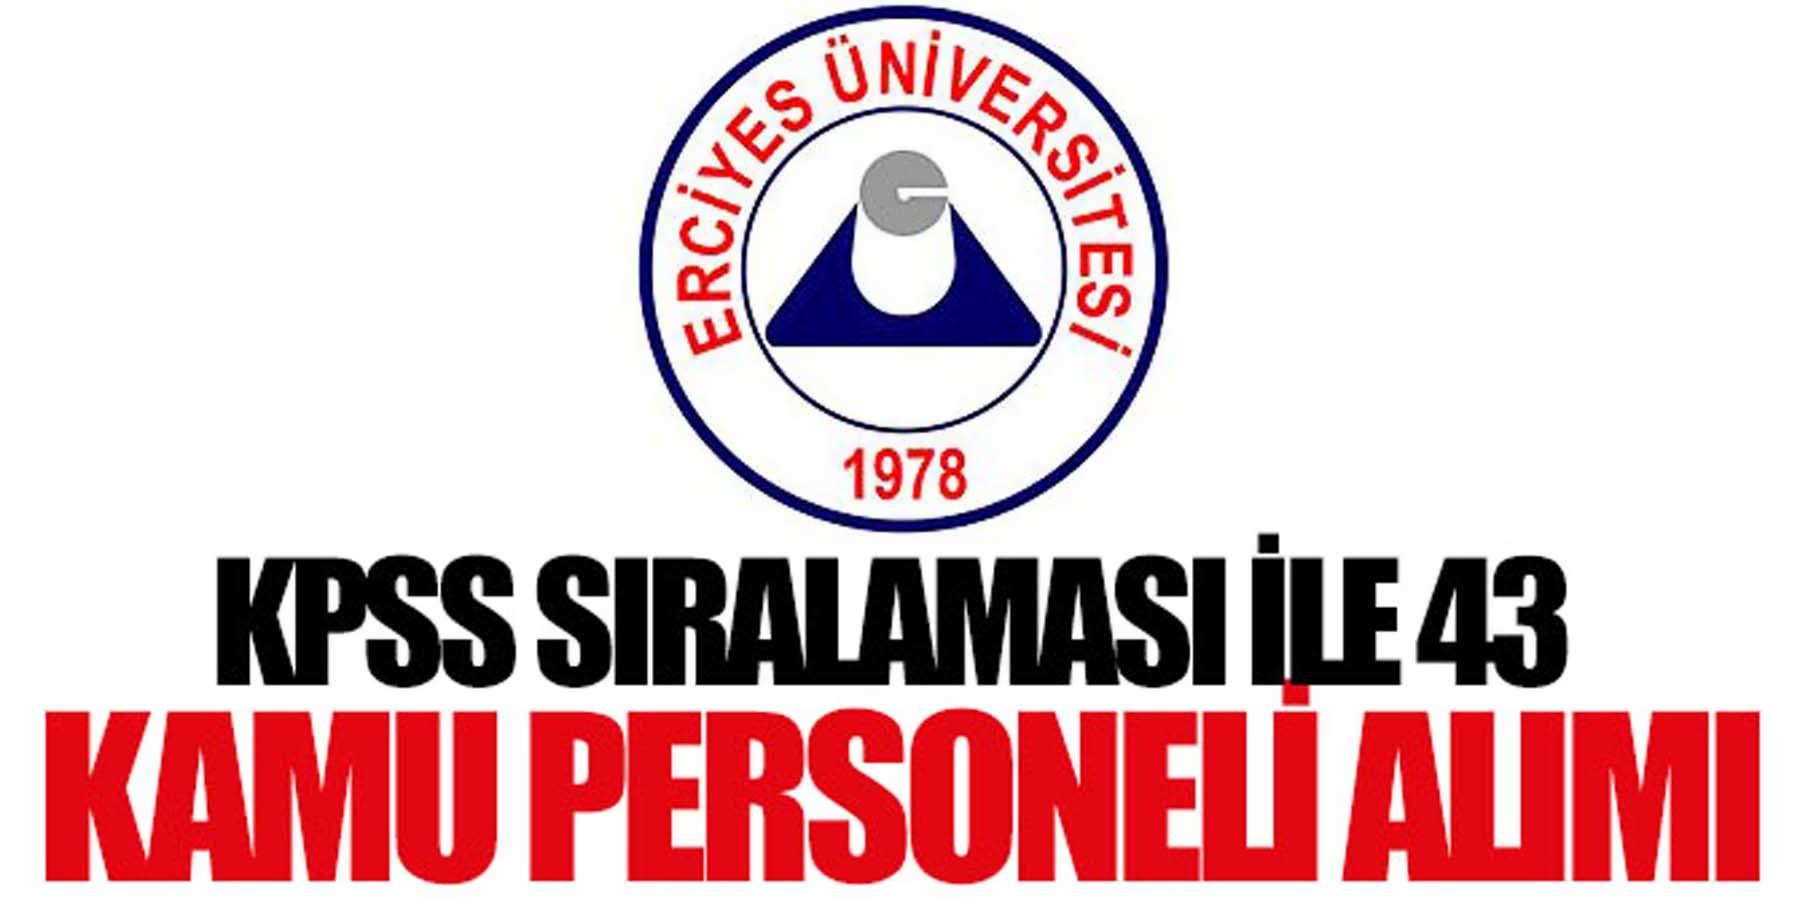 Erciyes Üniversitesi KPSS Sıralaması İle 43 Kamu Personeli Alımı